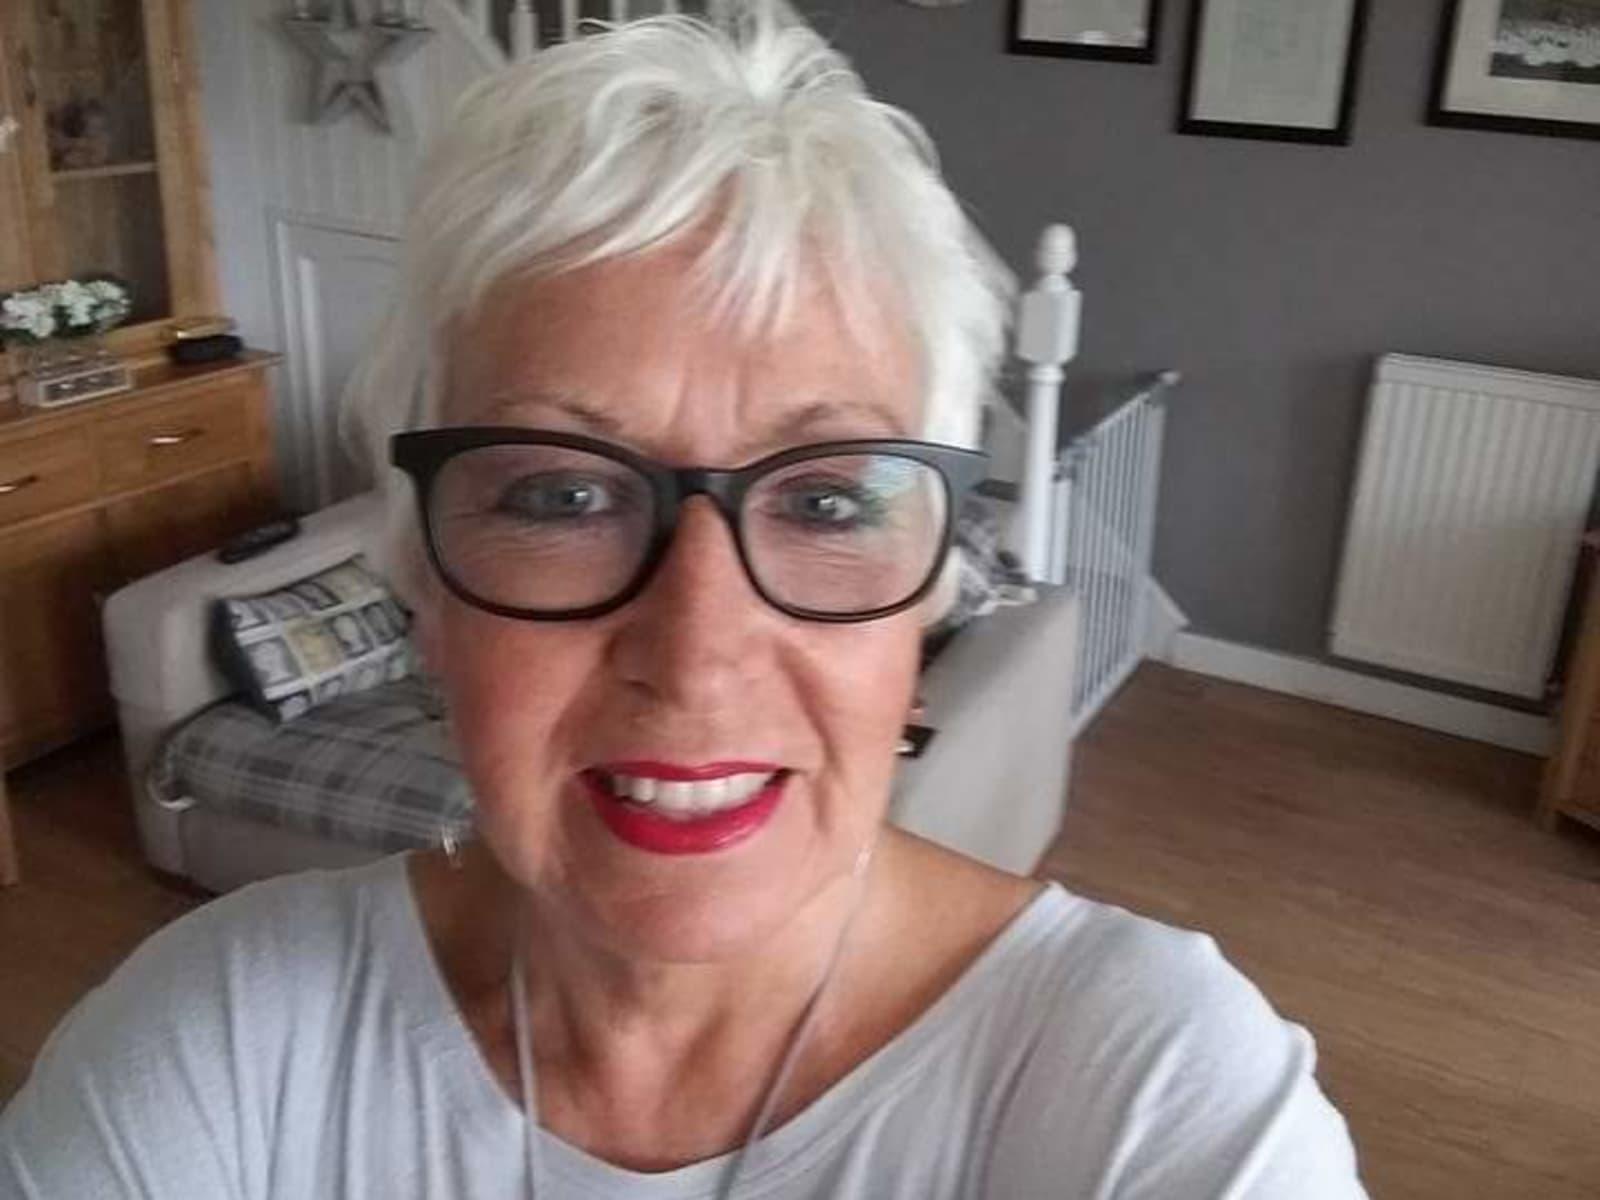 Gill from Edinburgh, United Kingdom